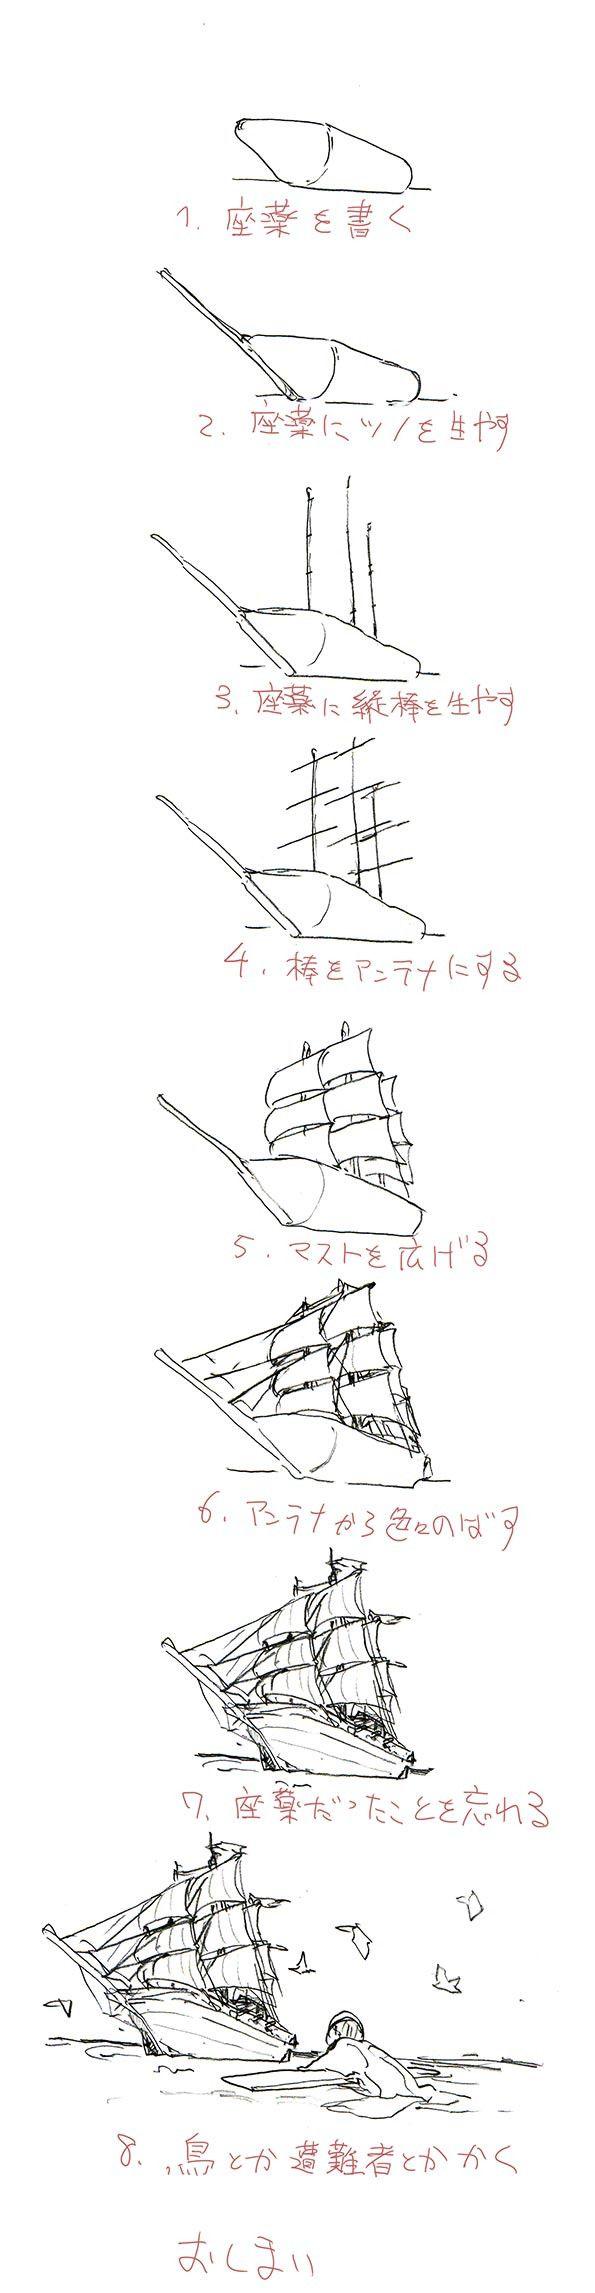 やる気の低下が著しいので誰にでも描ける帆船の描きかたなどを描いてお茶にごす